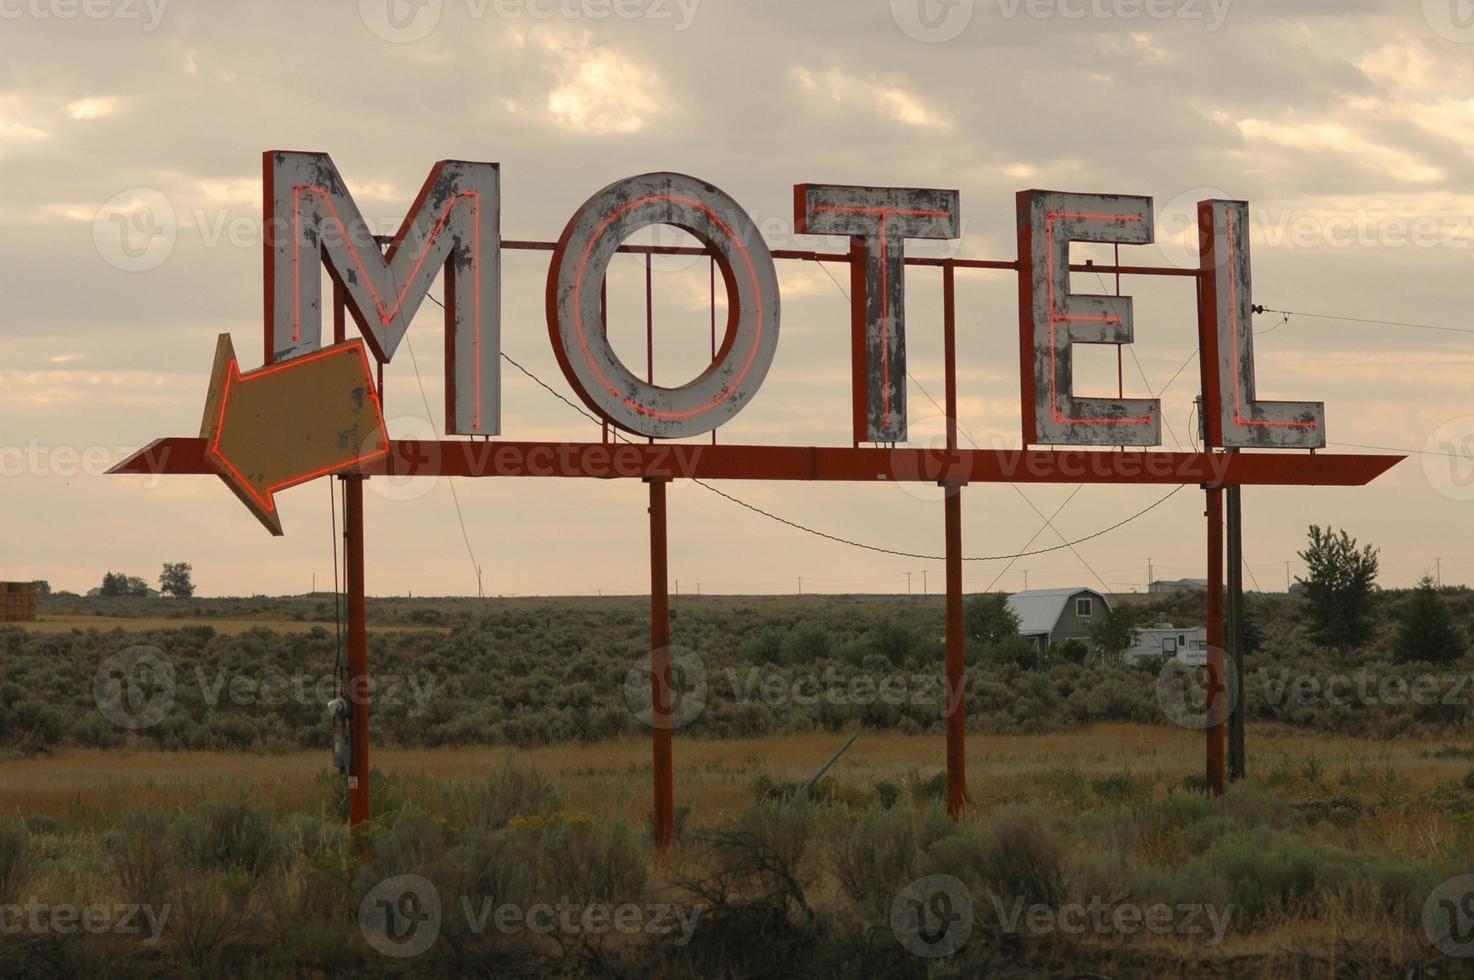 cartel de motel degradado foto